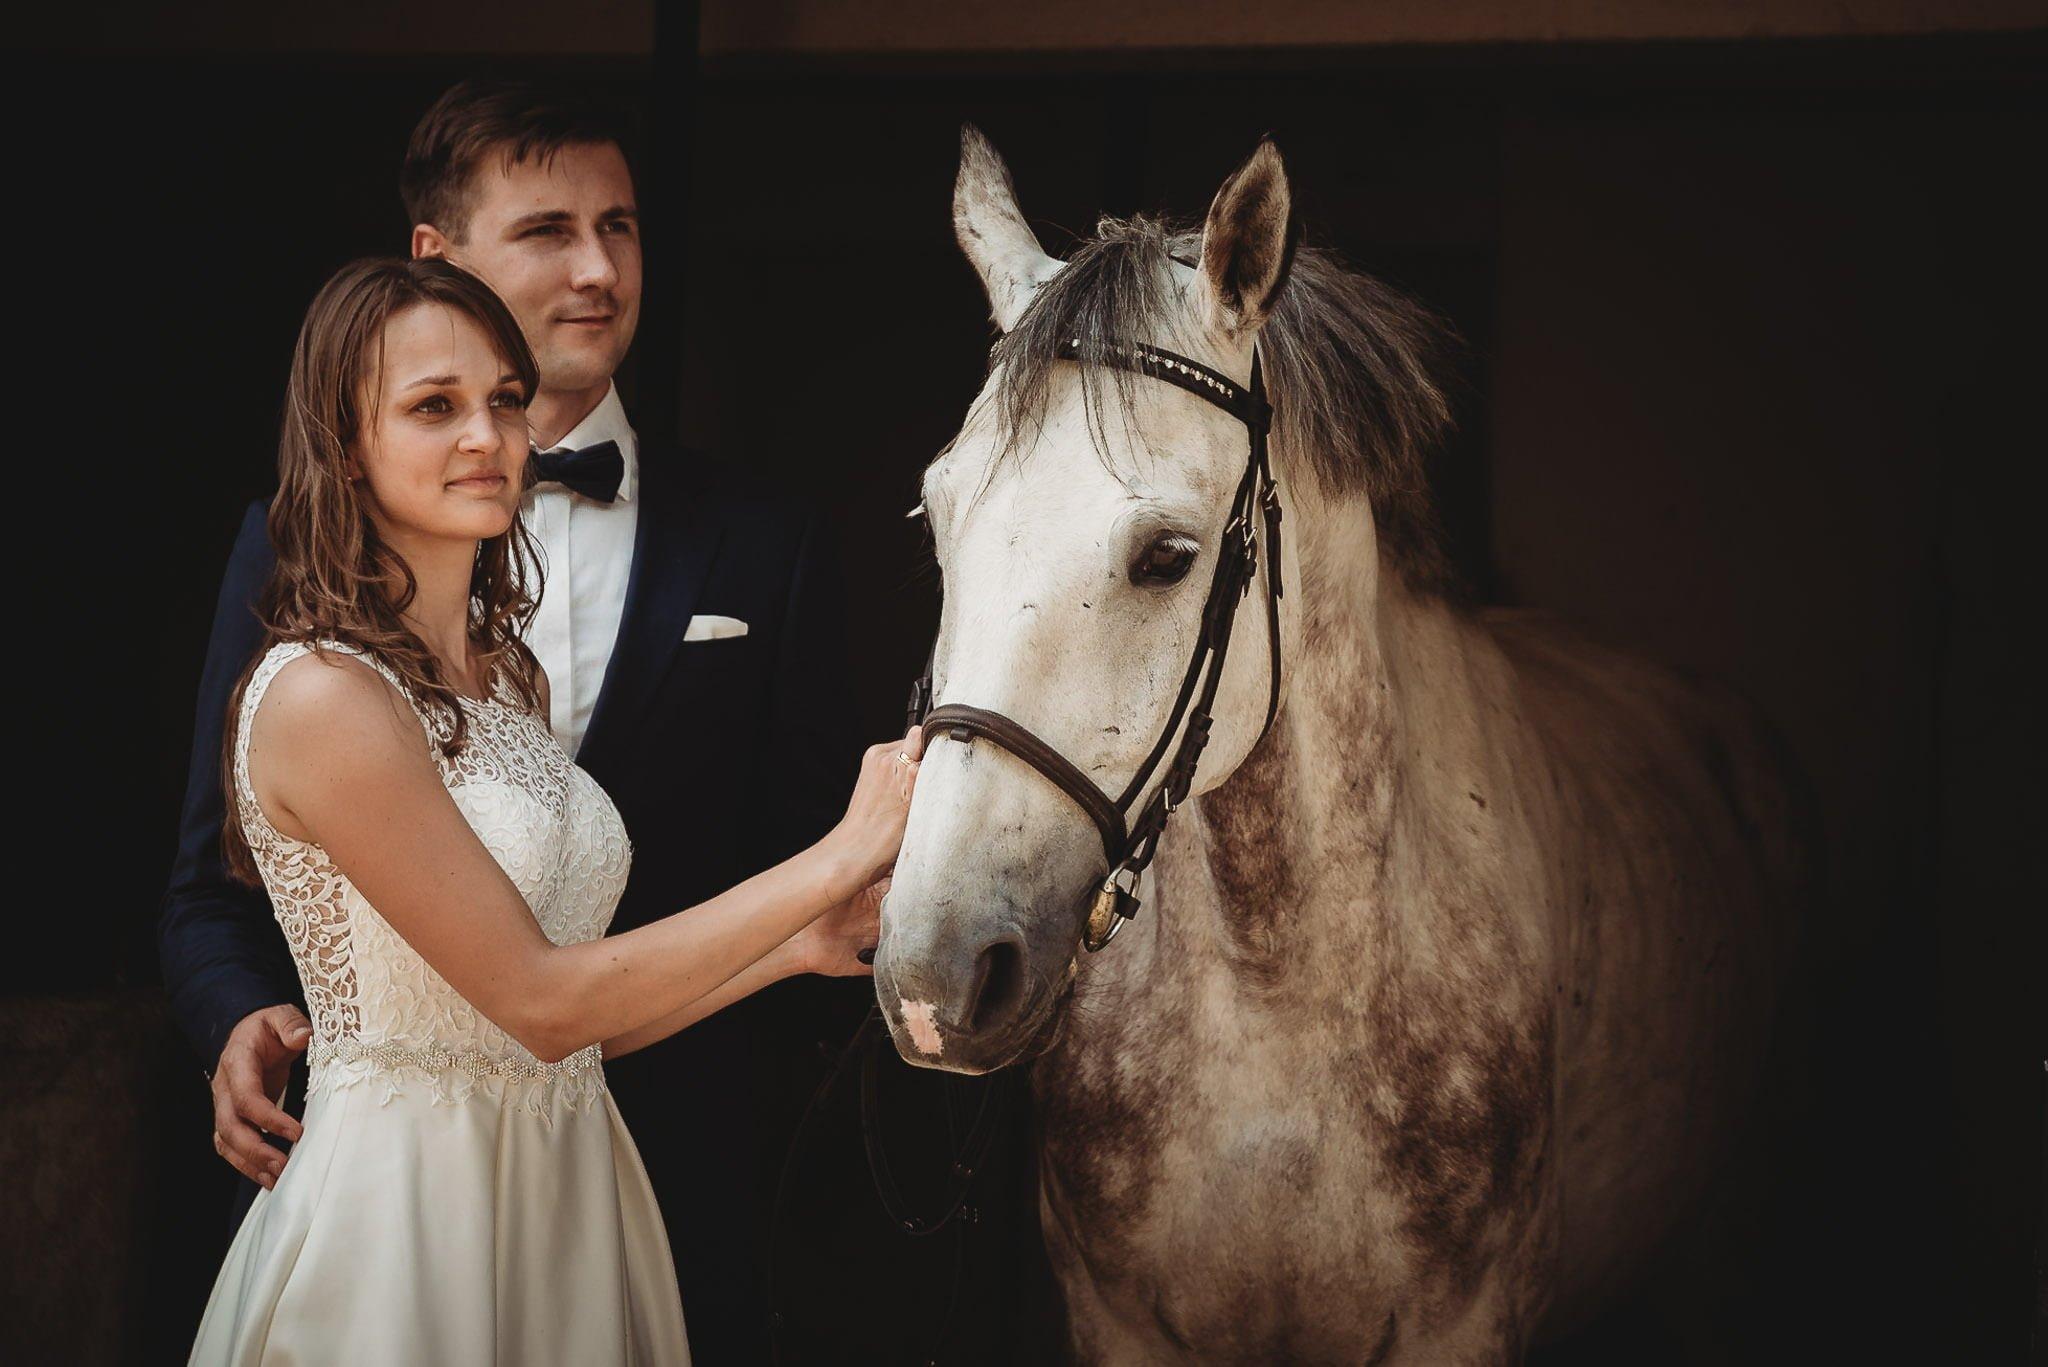 Monika i Michał, wesele w Paryżu i sesja plenerowa w stadninie koni w Czołowie 378